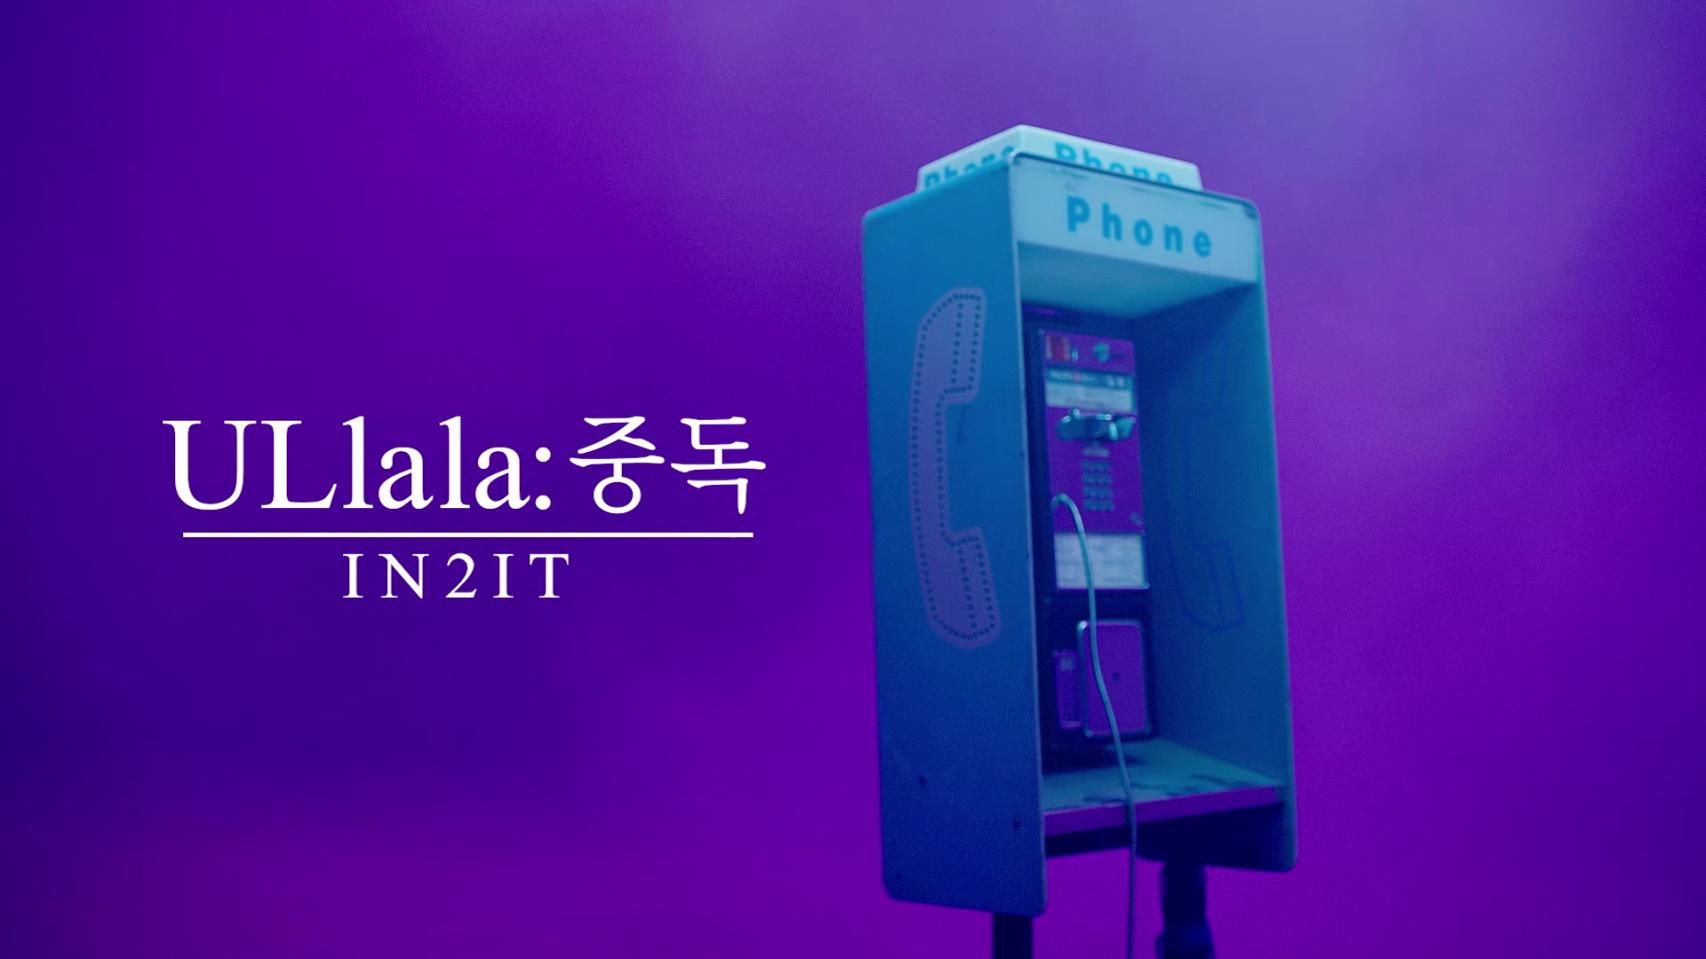 IN2IT (인투잇) – 'ULlala: 중독' MV